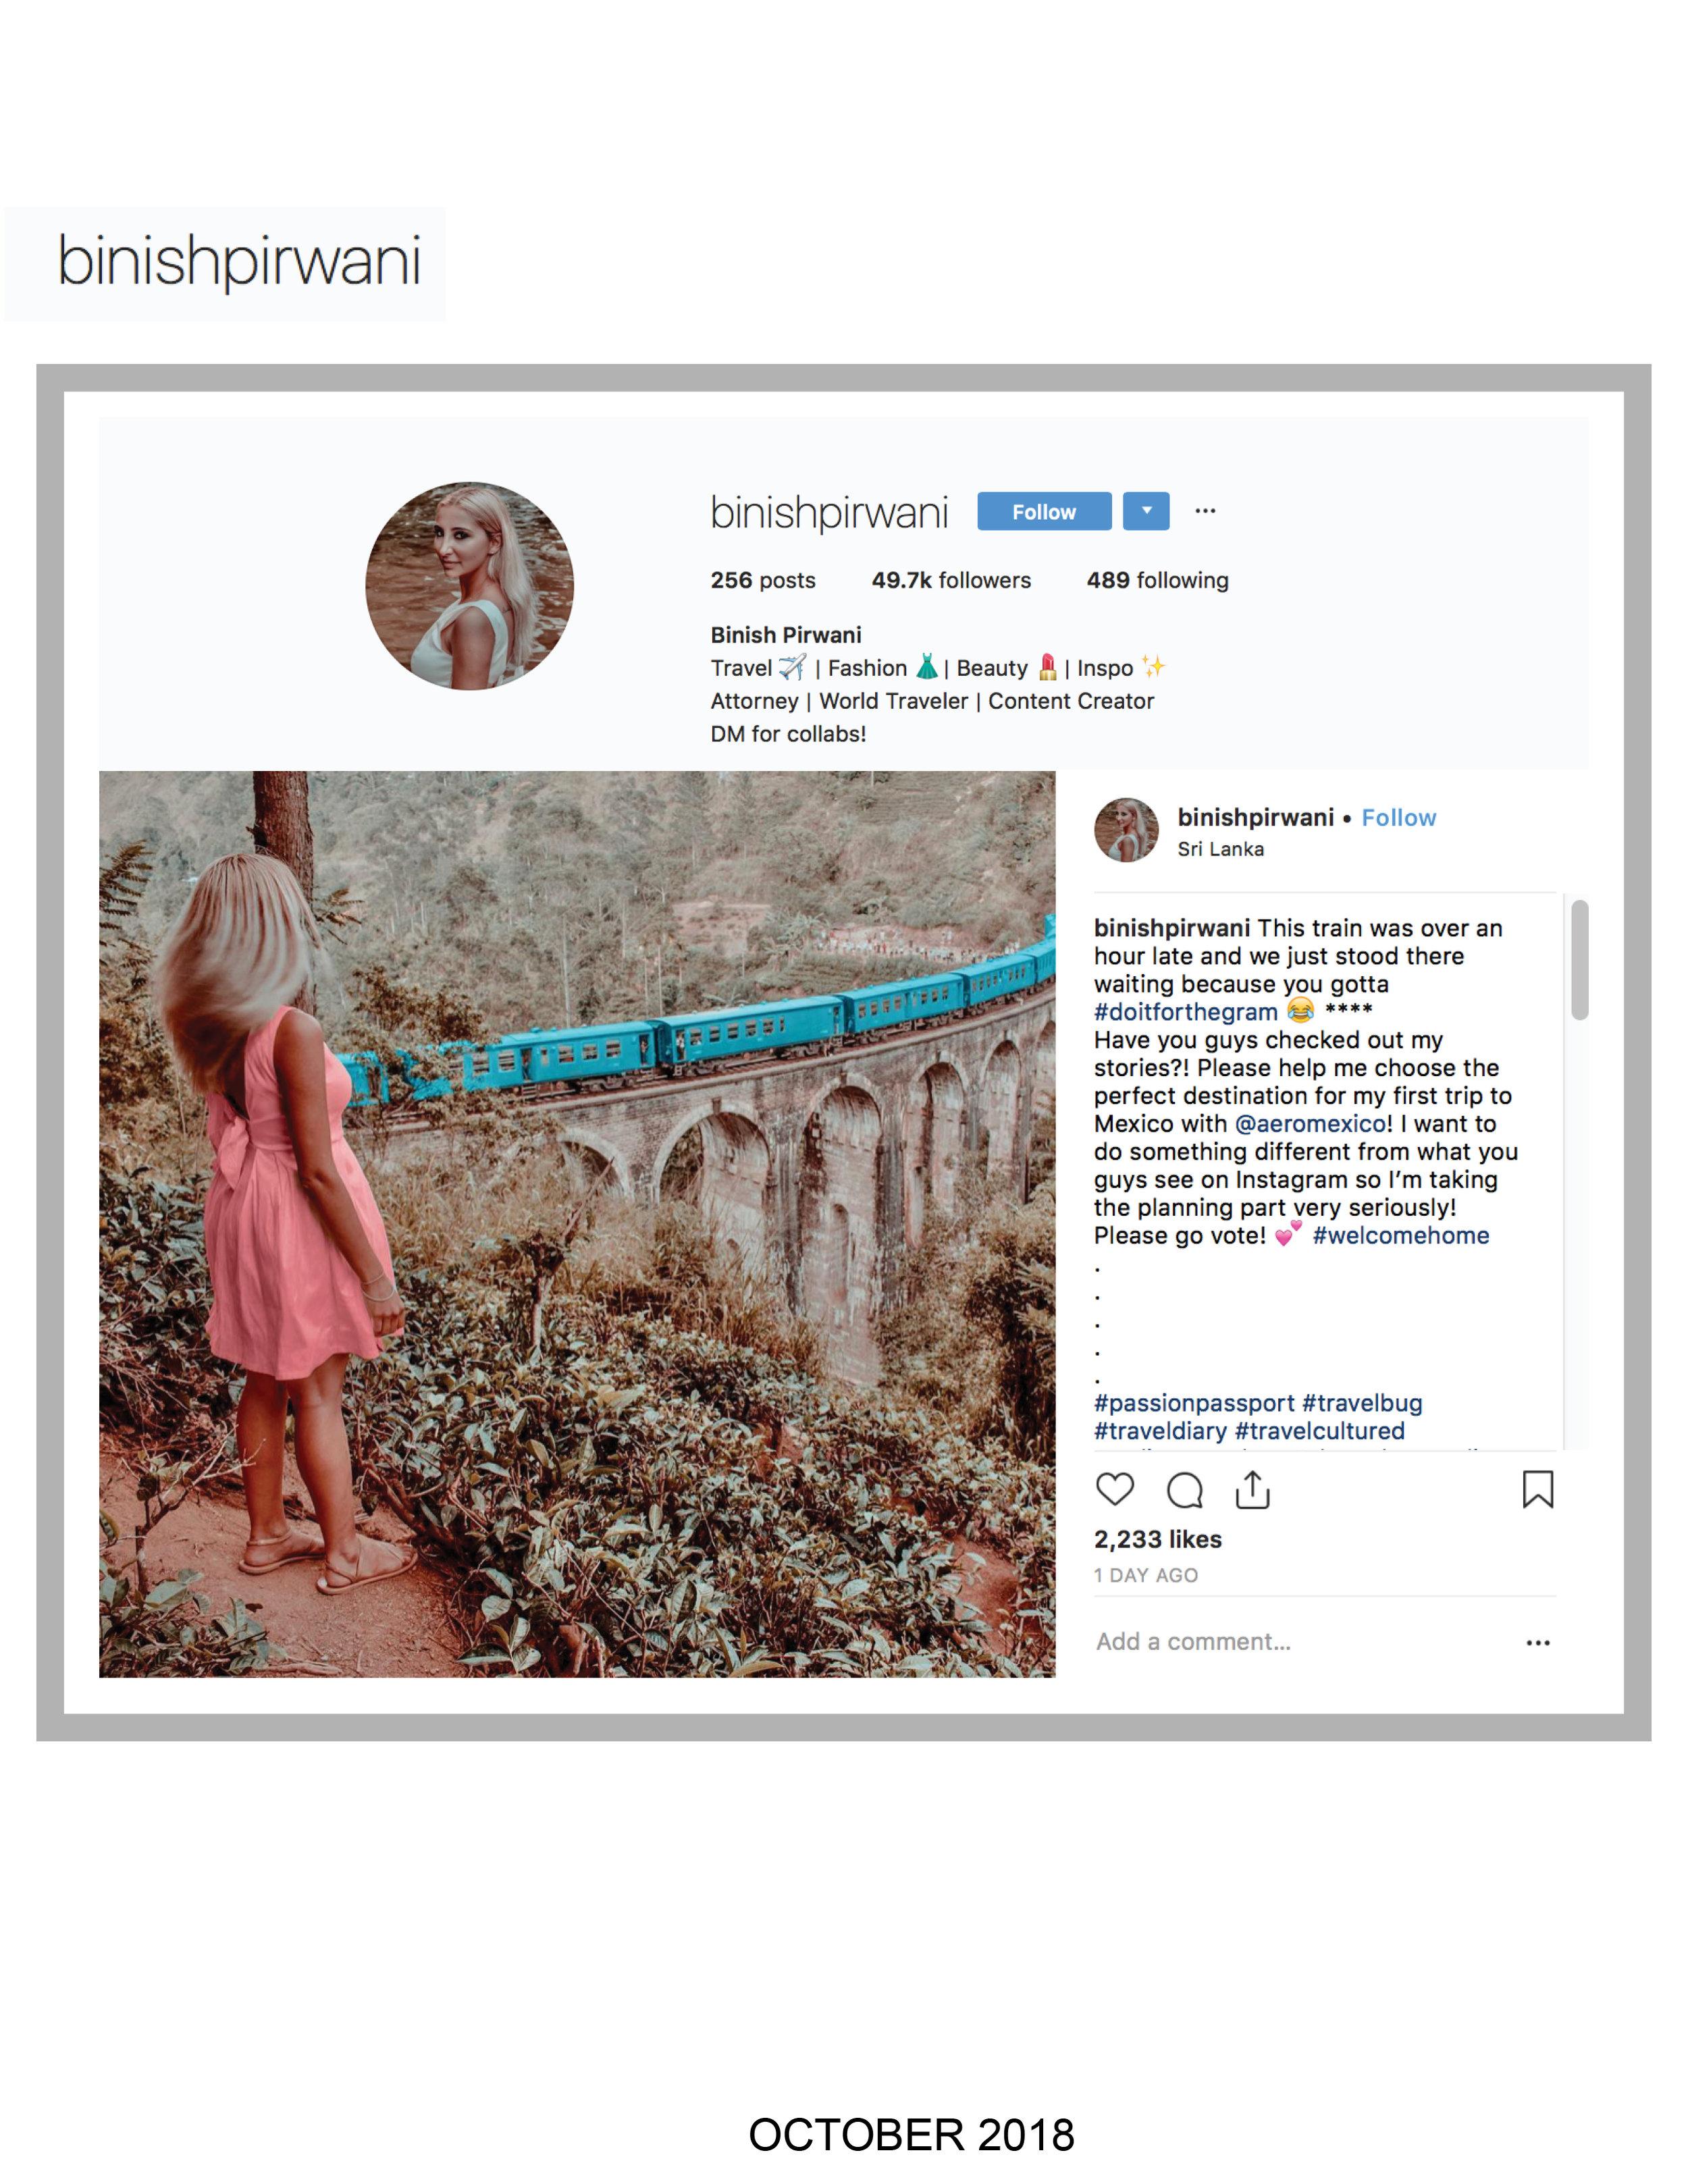 Malvados_BinishPirwani_October2018.jpg